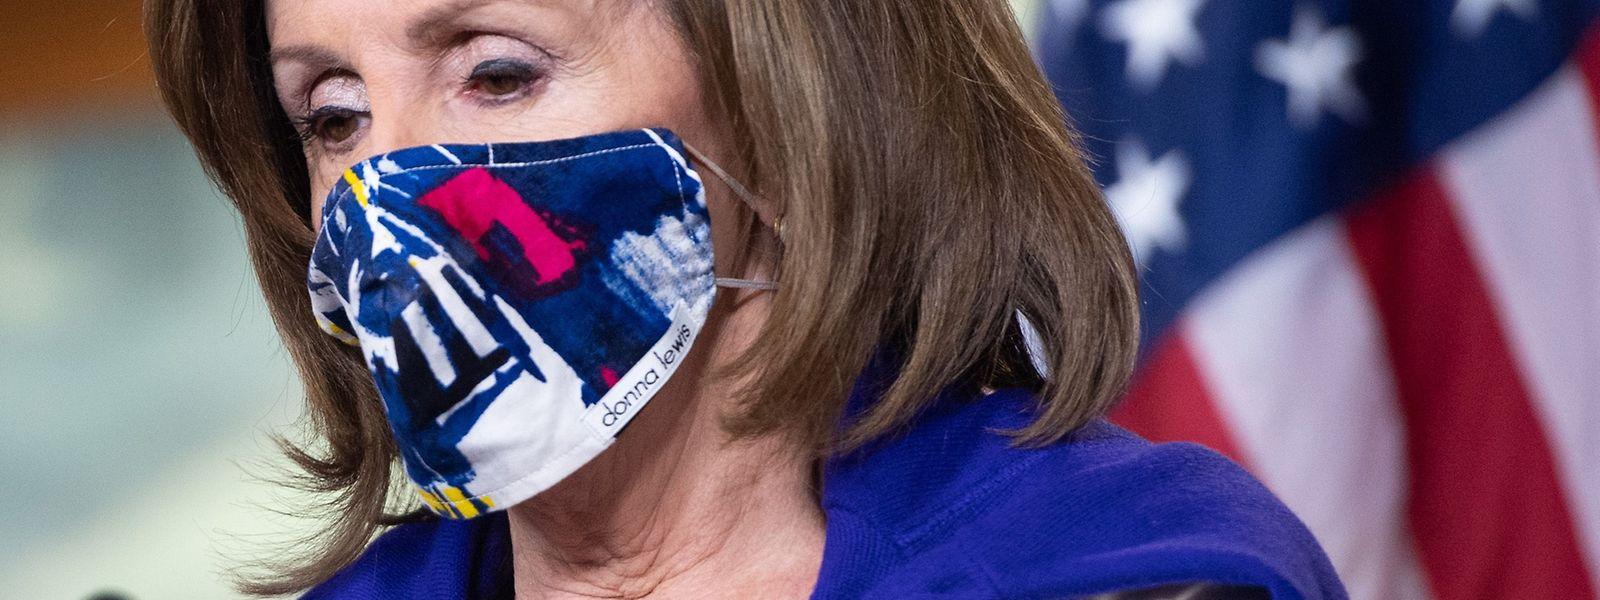 Speakerin Nancy Pelosi macht das Tragen der Maske zu einem Modestatement.